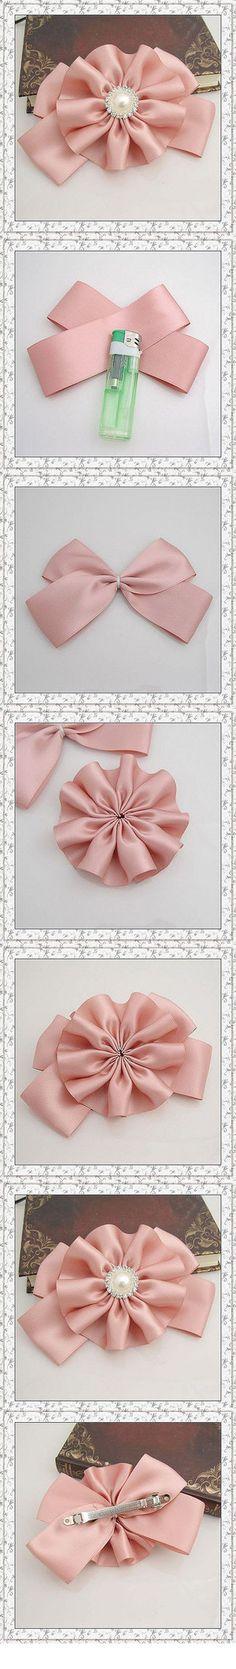 粉色花朵蝴蝶结发夹~ - 堆糖 发现生活_收集美好_分享图片